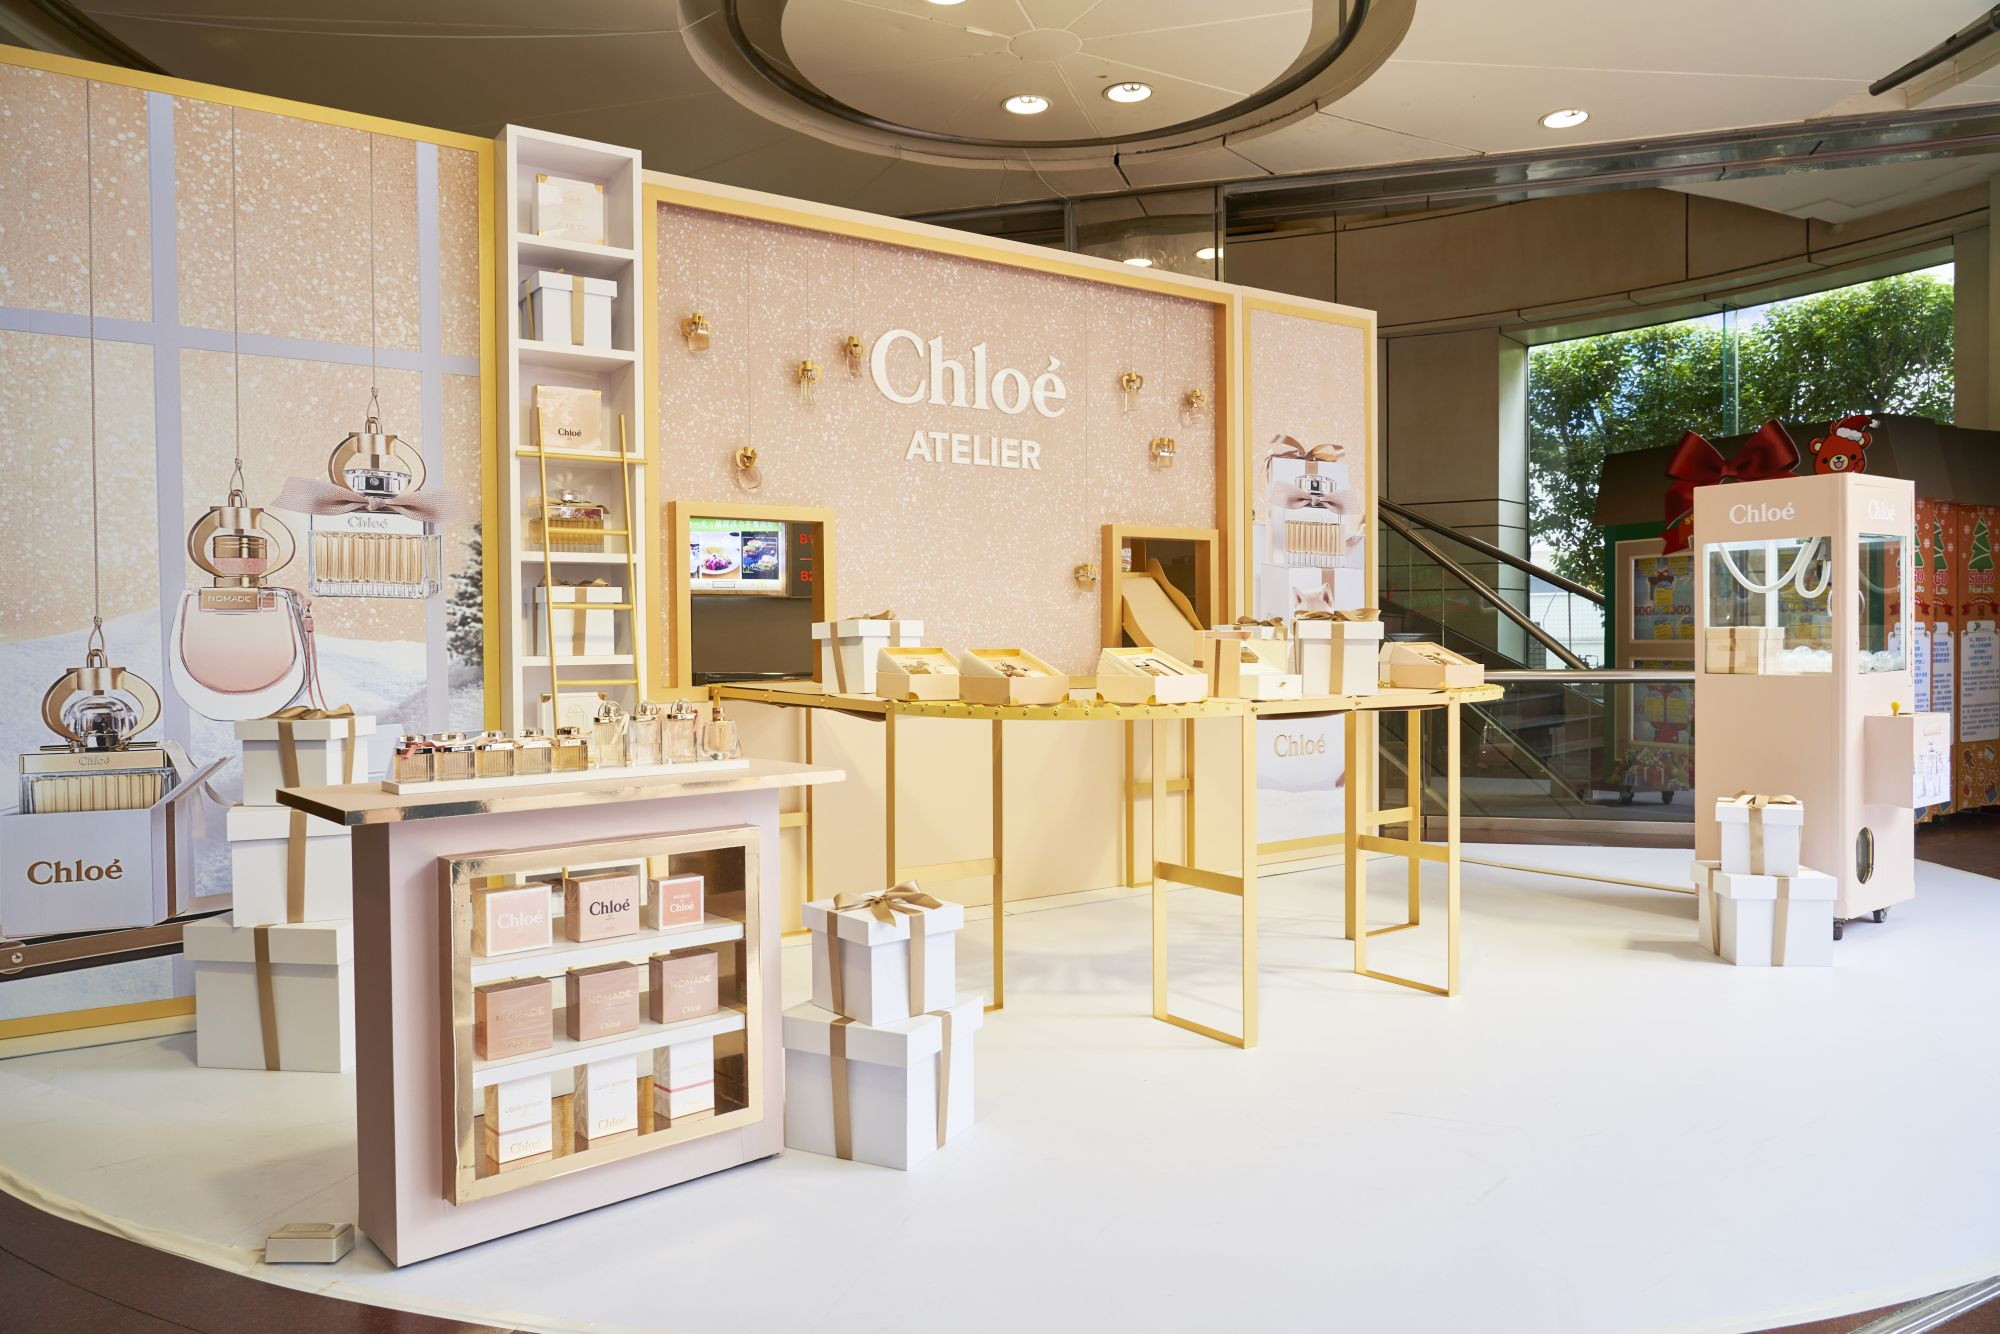 走進Chloé幸福香氛工坊,彷彿置身法國的唯美殿堂!